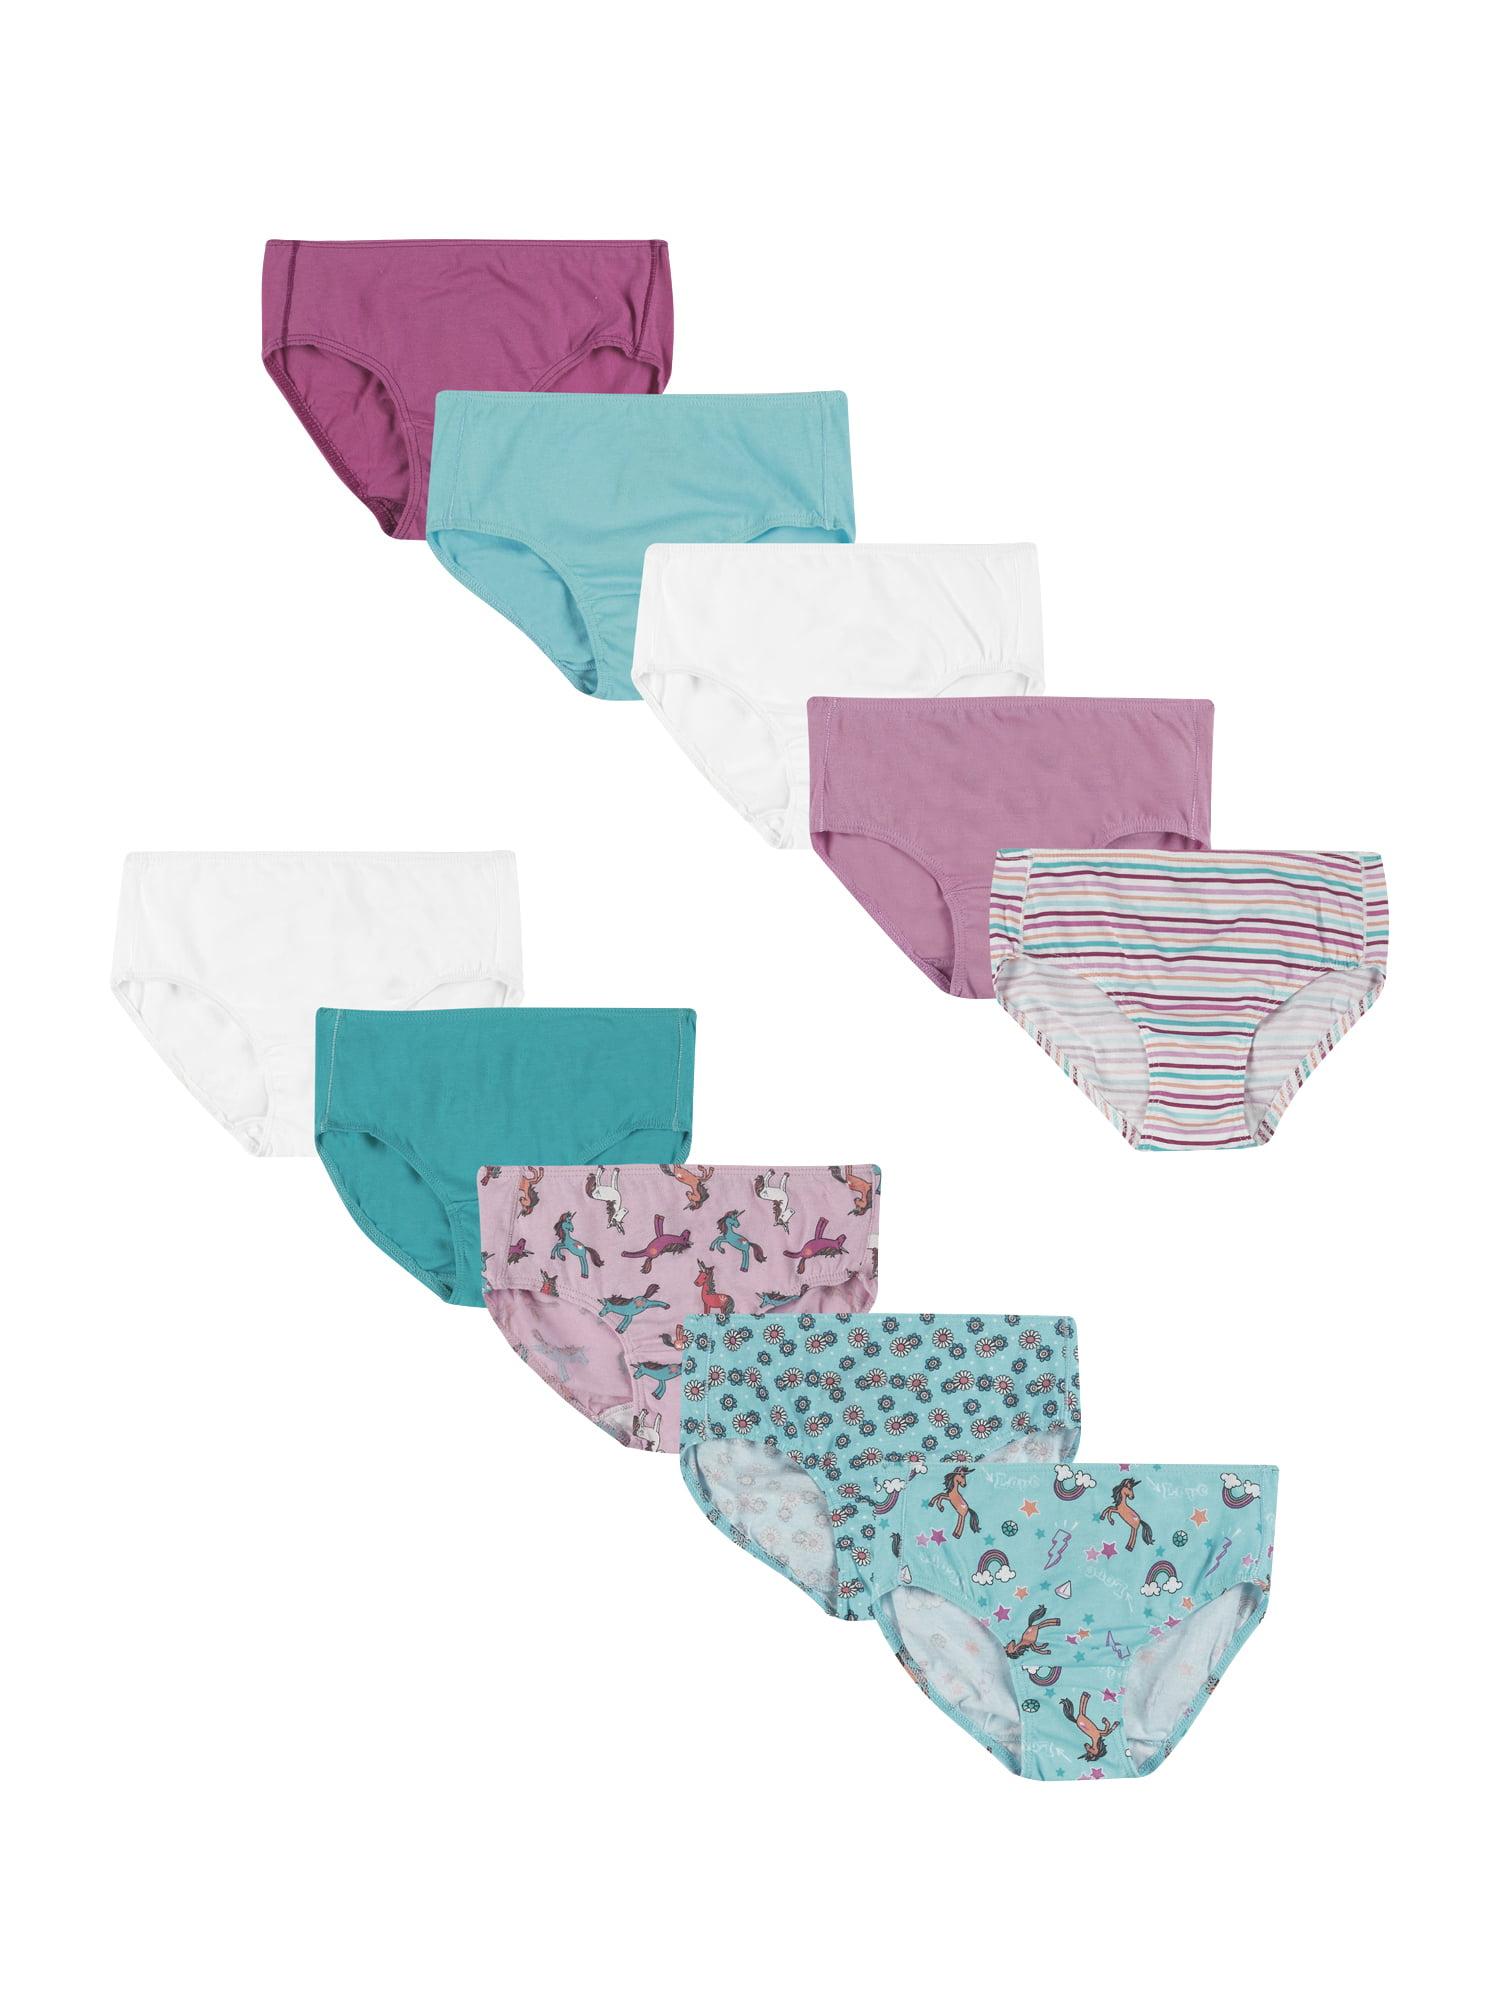 Hanes Toddler Girls' Tagless Cotton Briefs, 10-Pack